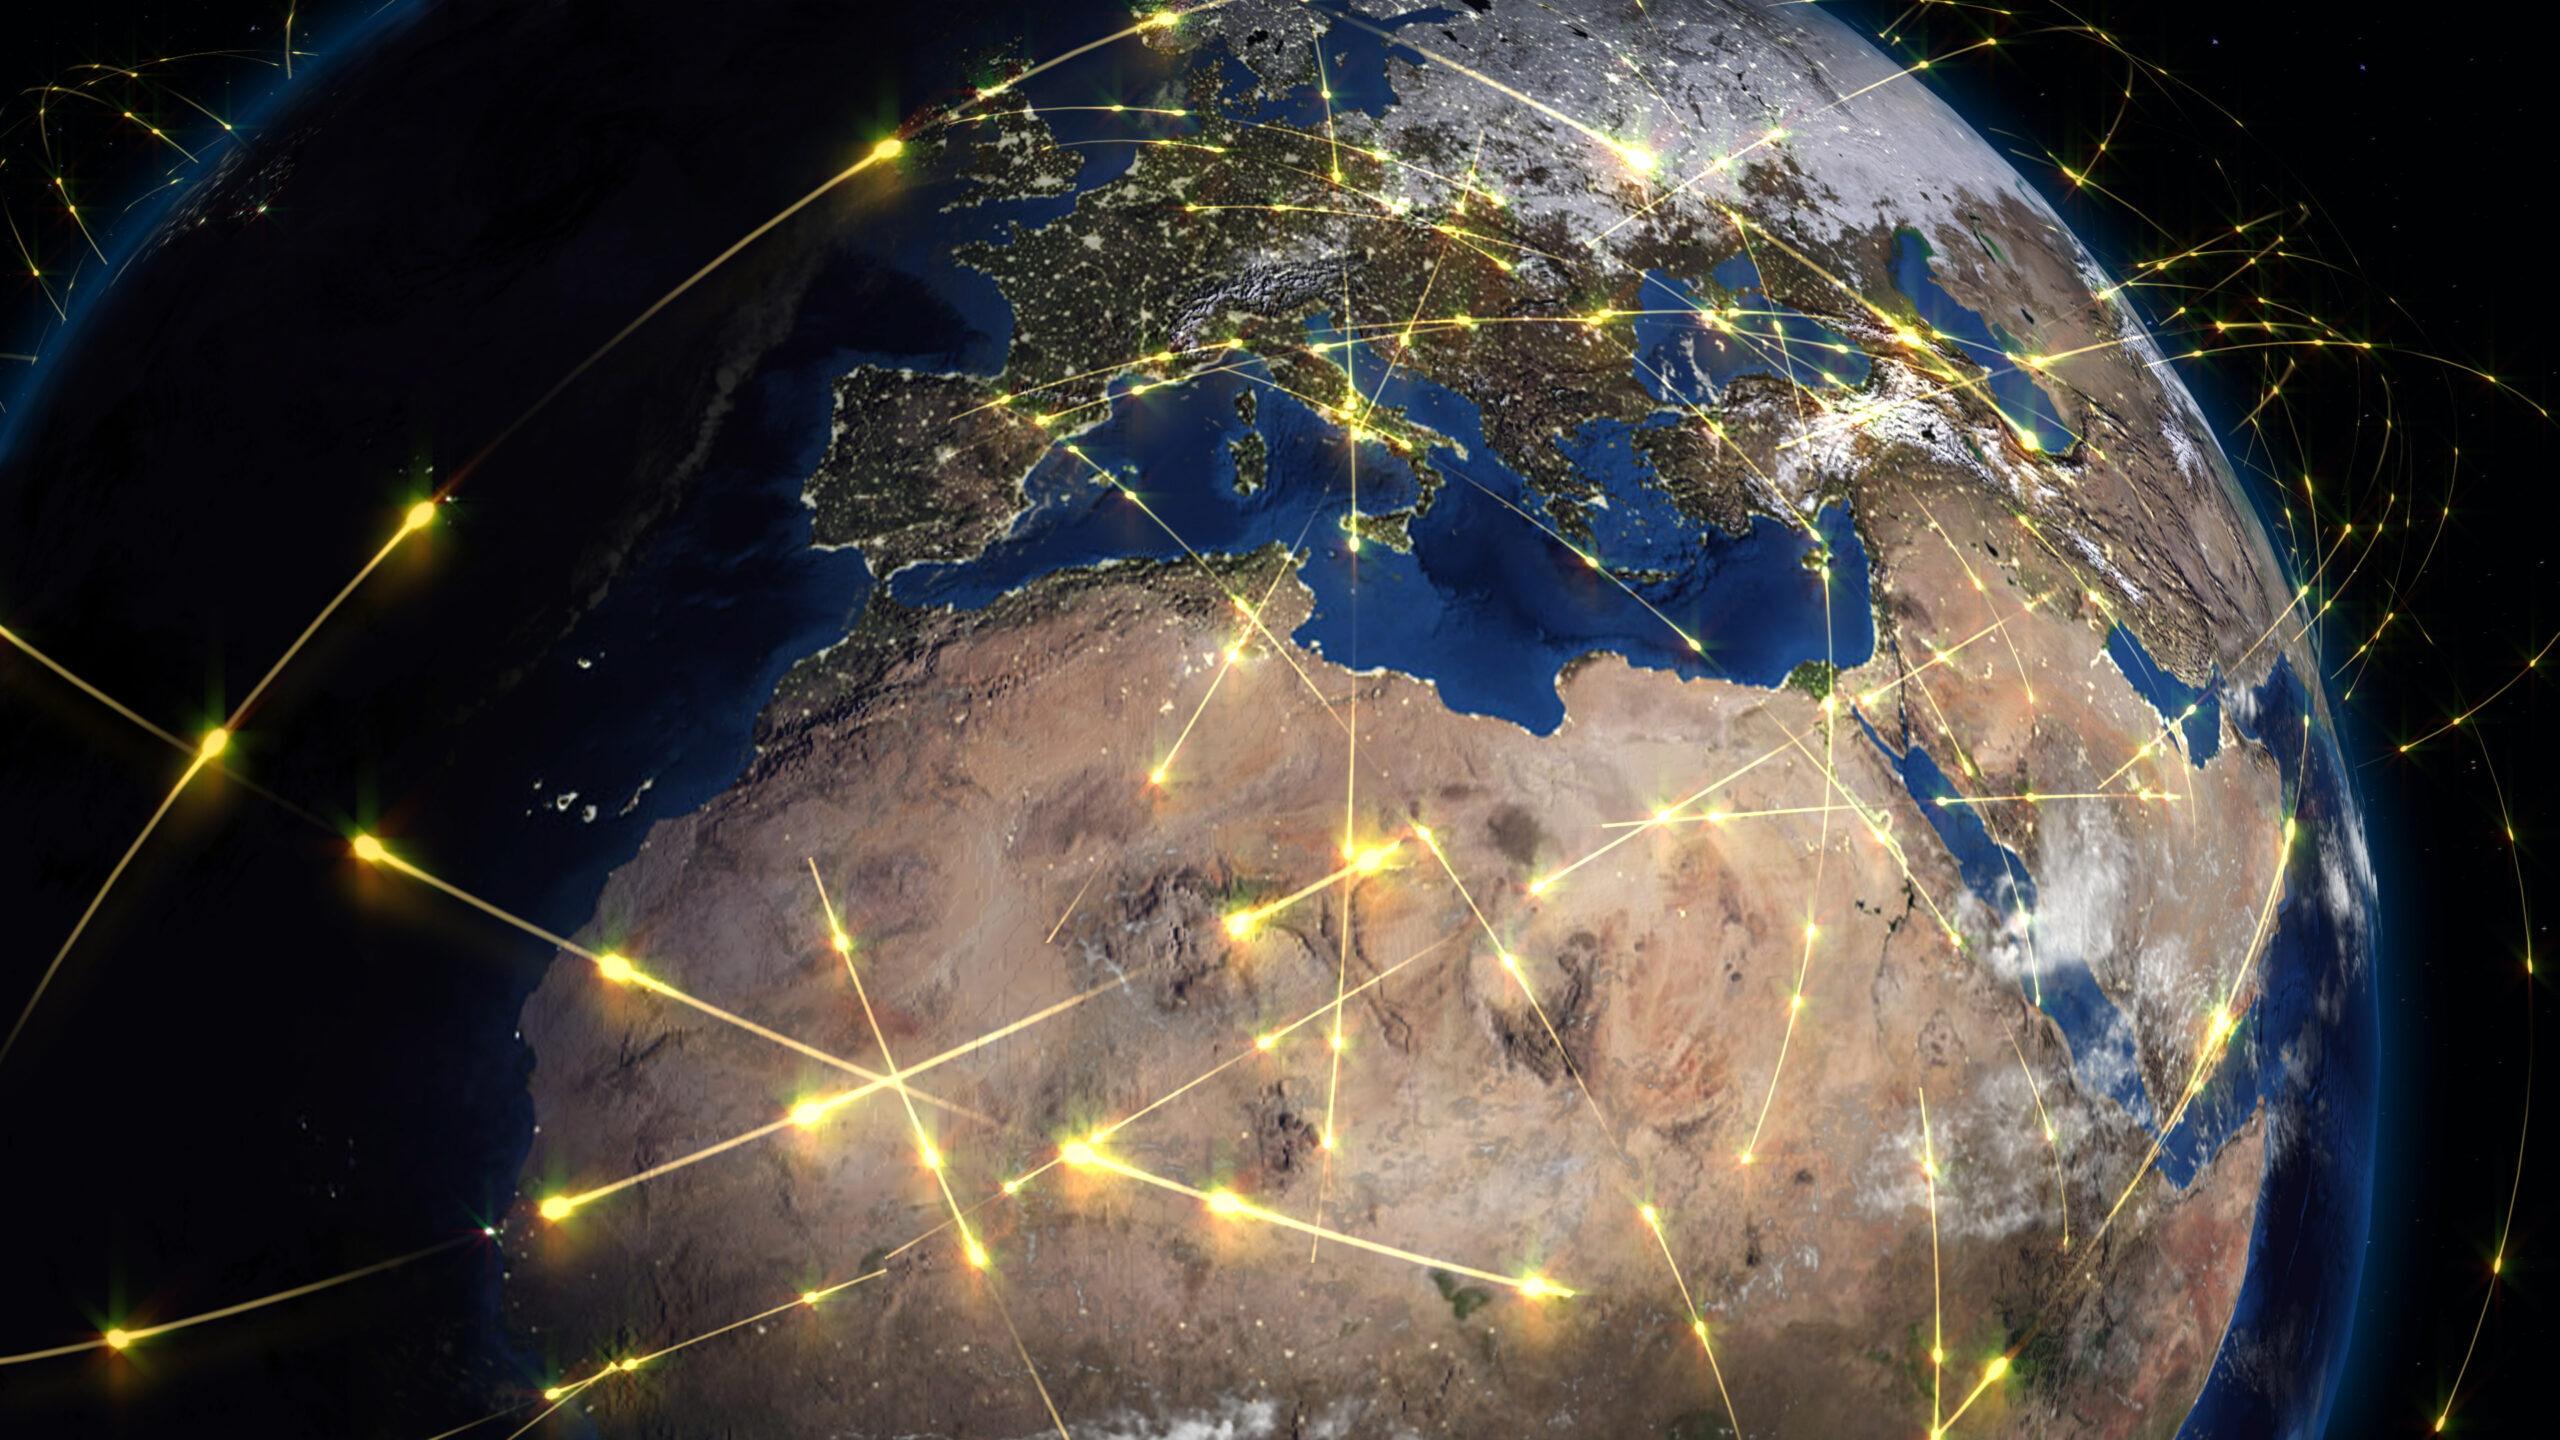 La Comisión Europea aprueba la decisión de adecuación para la libre transmisión de datos entre la Unión Europea y el Reino Unido